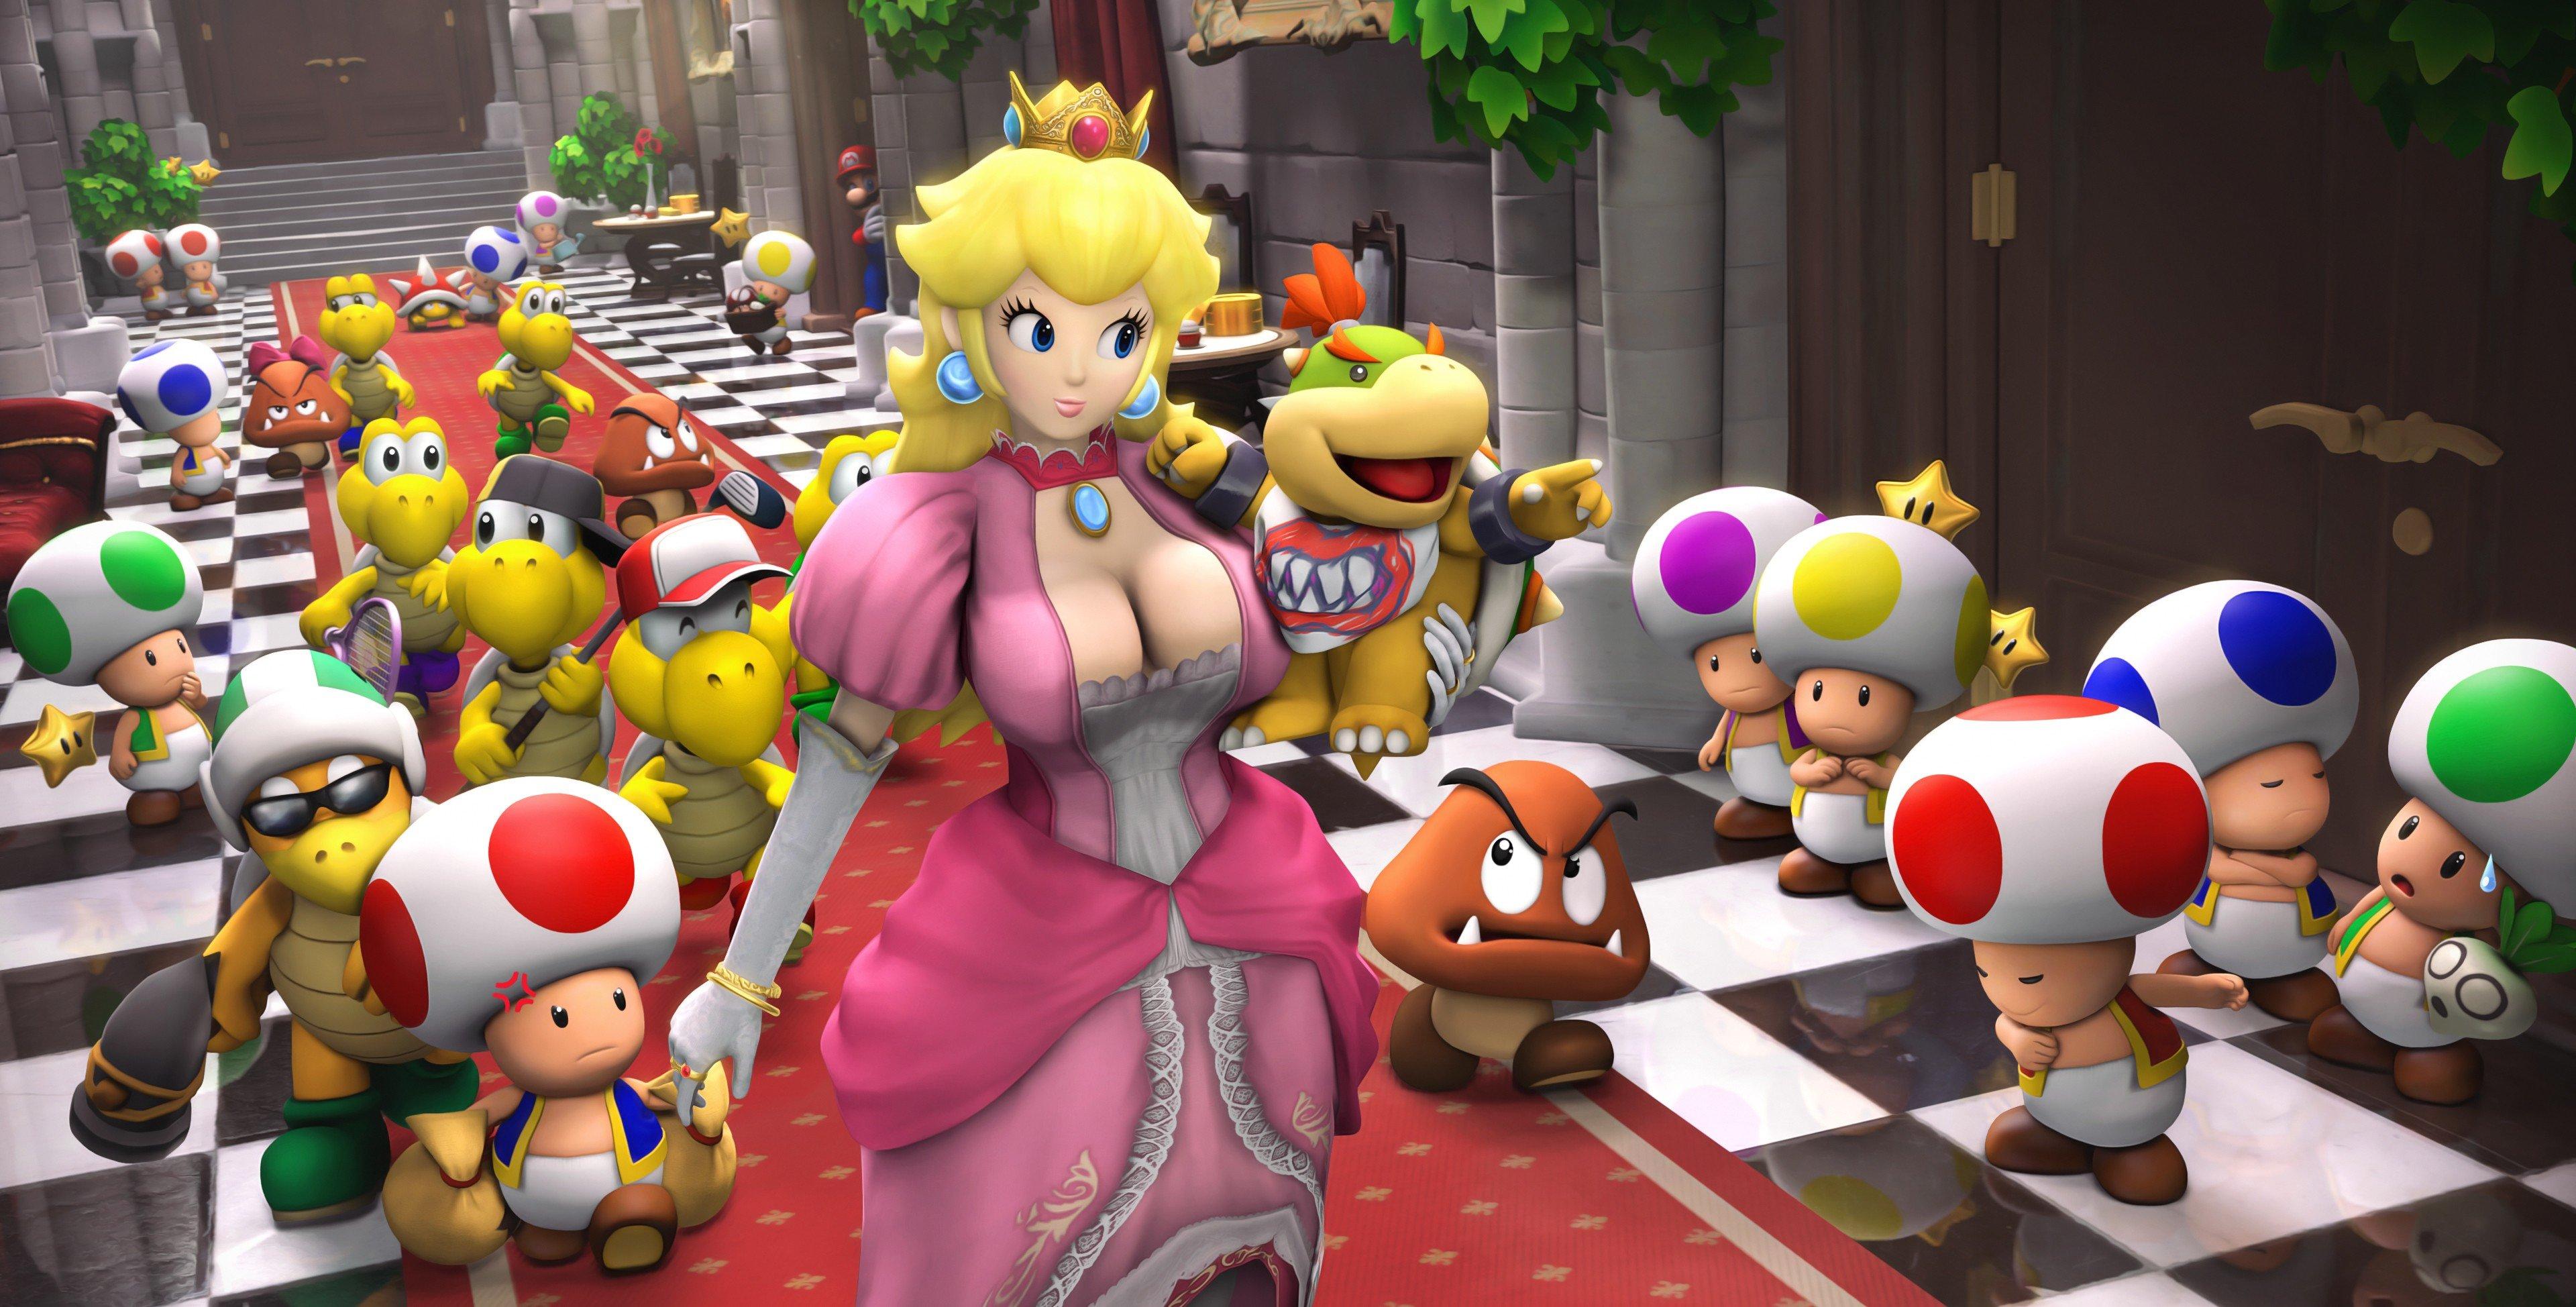 Princess Peach Art 2363469 Hd Wallpaper Backgrounds